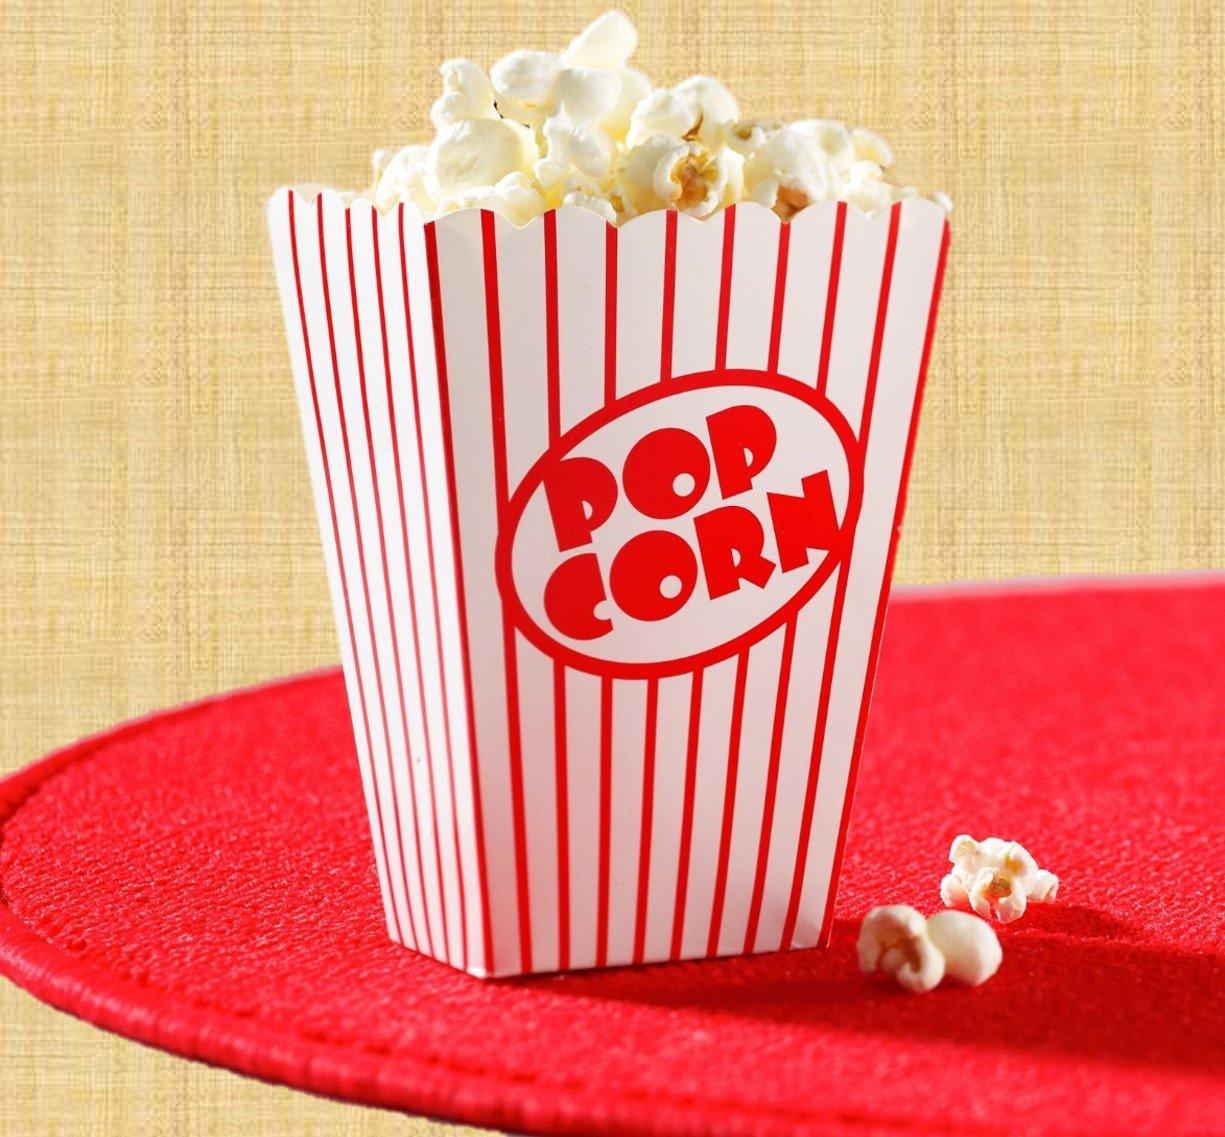 Amazon.com: Movie Theater Small Popcorn Boxes - Paper Popcorn Boxes ...